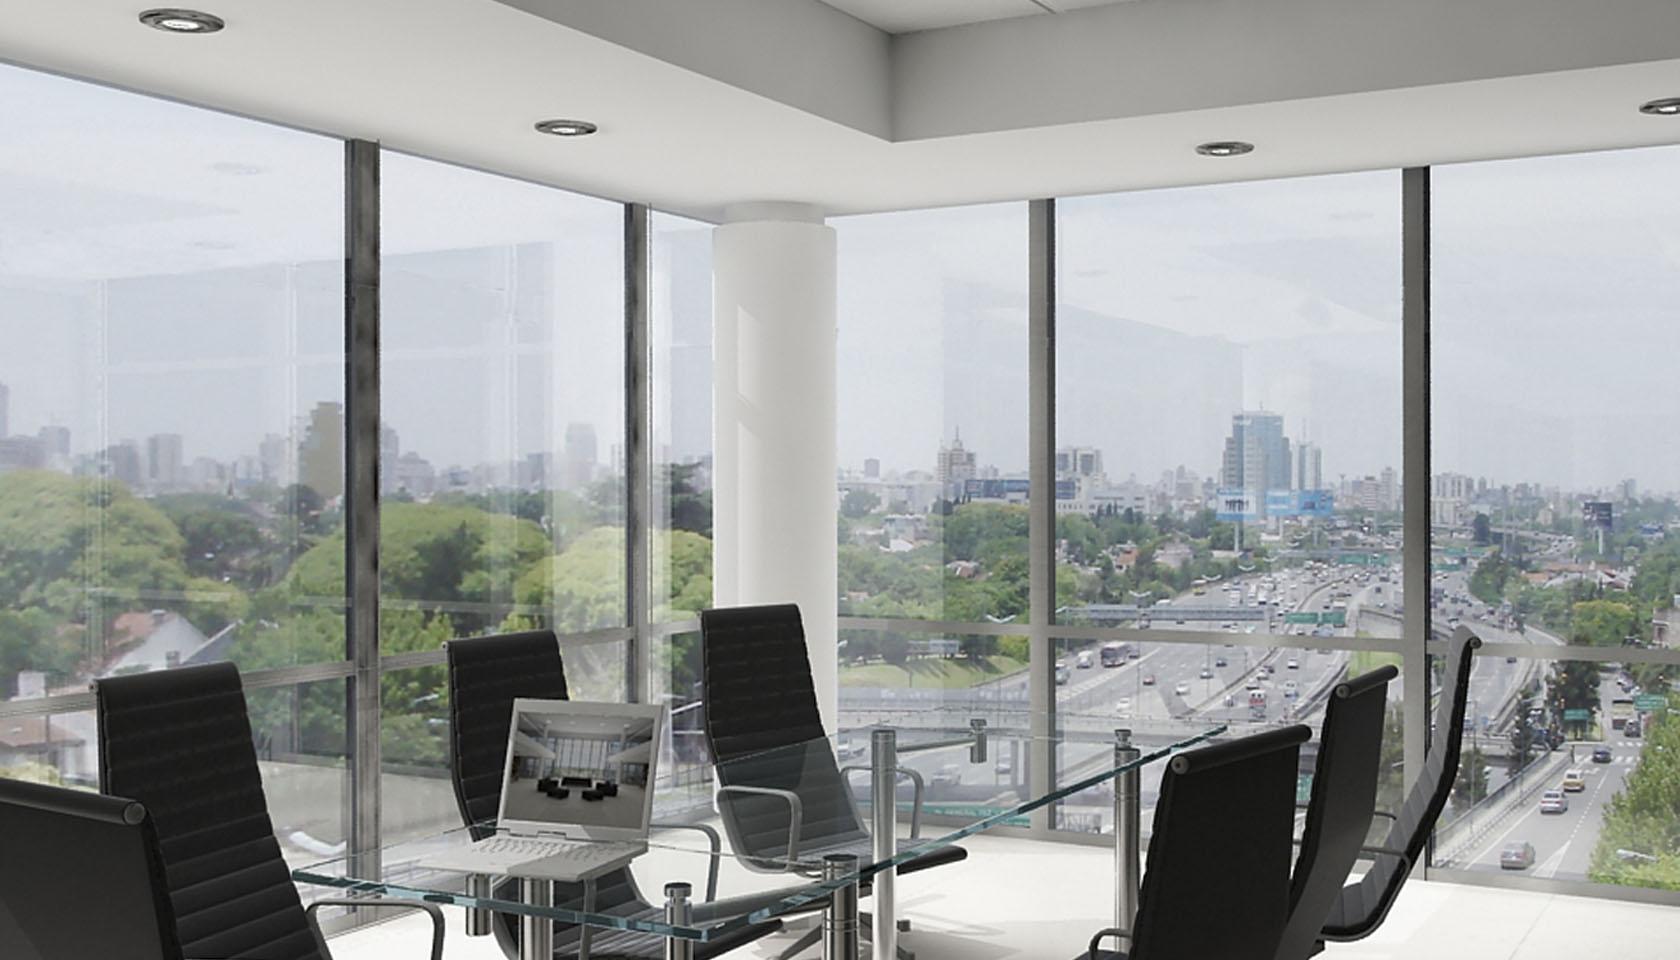 Fachadas vidriadas en edificios de oficina modernos